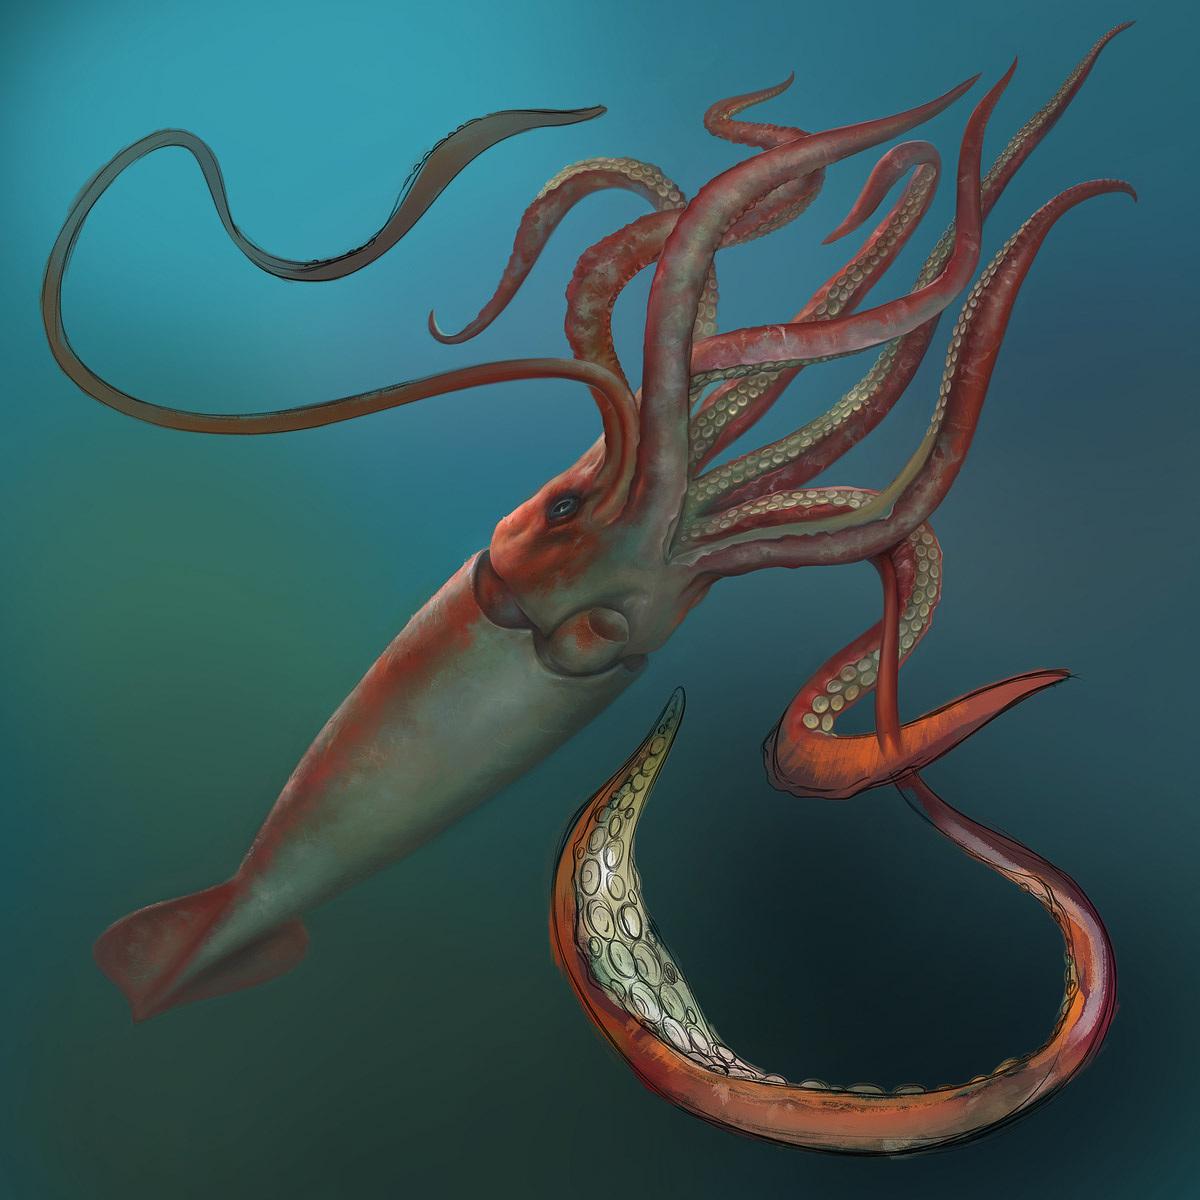 Giant Squid - The Art of Eldar Zakirov